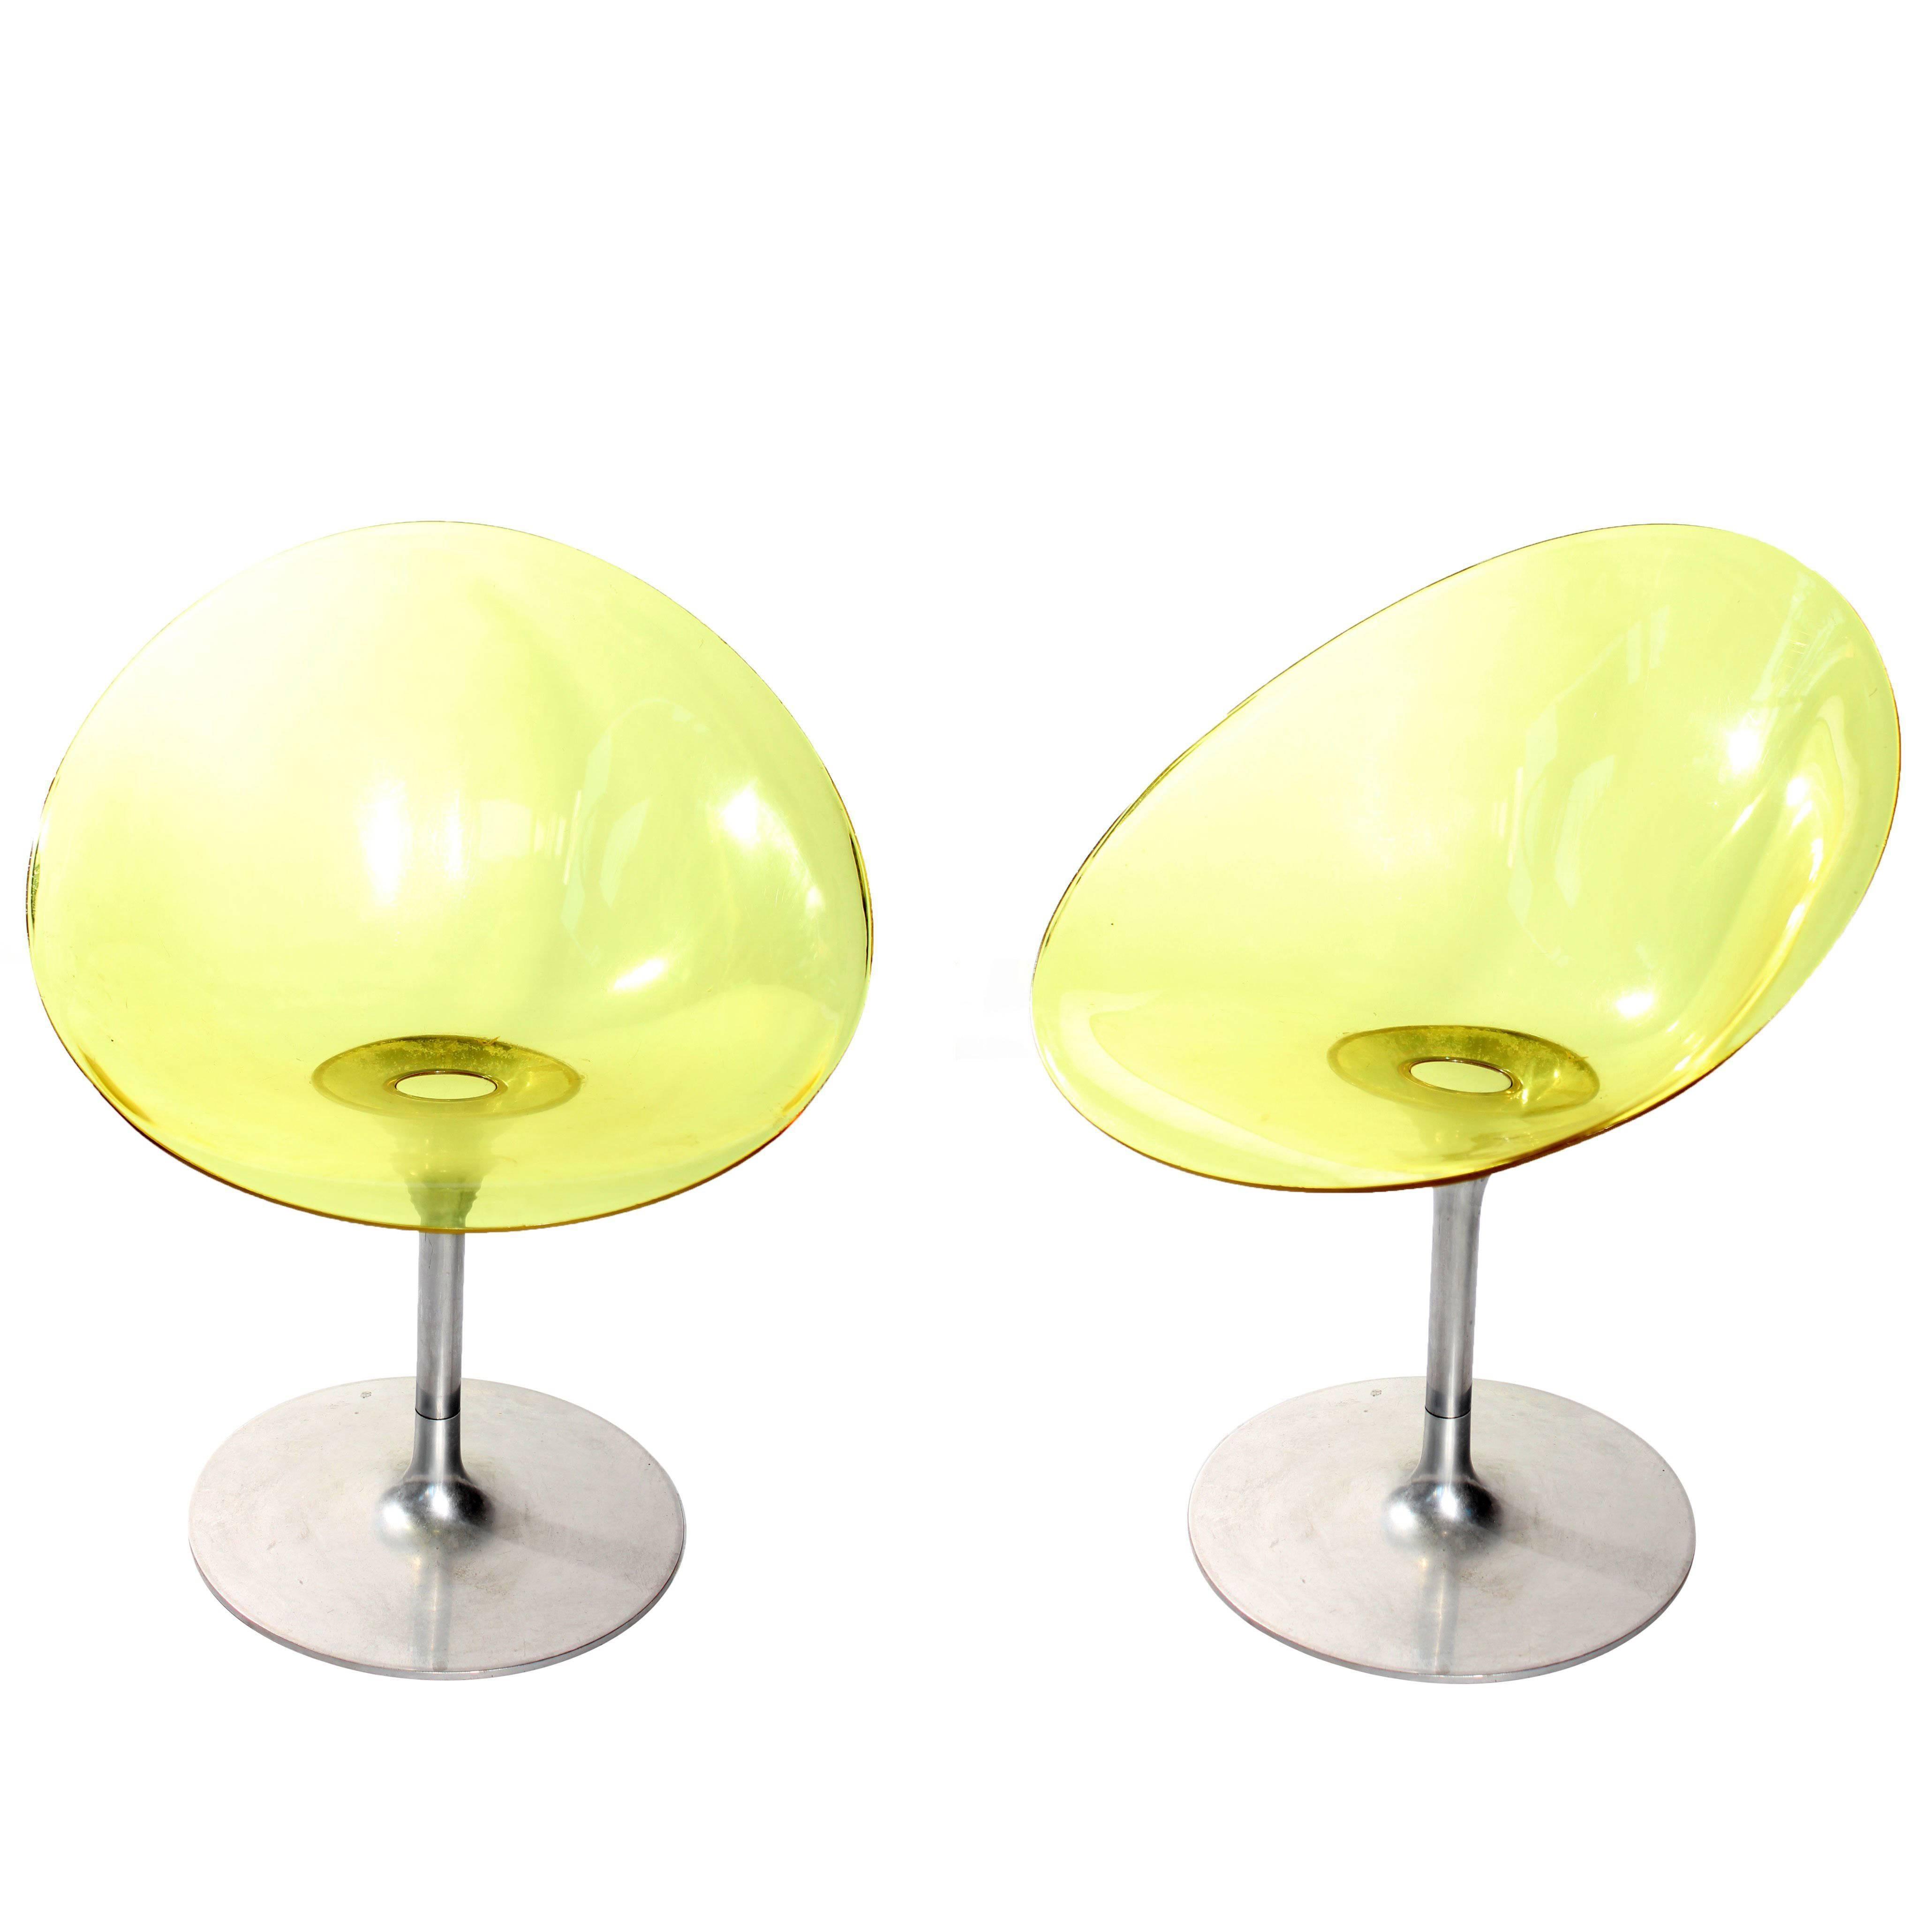 """Pair of Philippe Starck """"Eros"""" by Kartell Yellow Italian Lucite Swivel Chairs"""